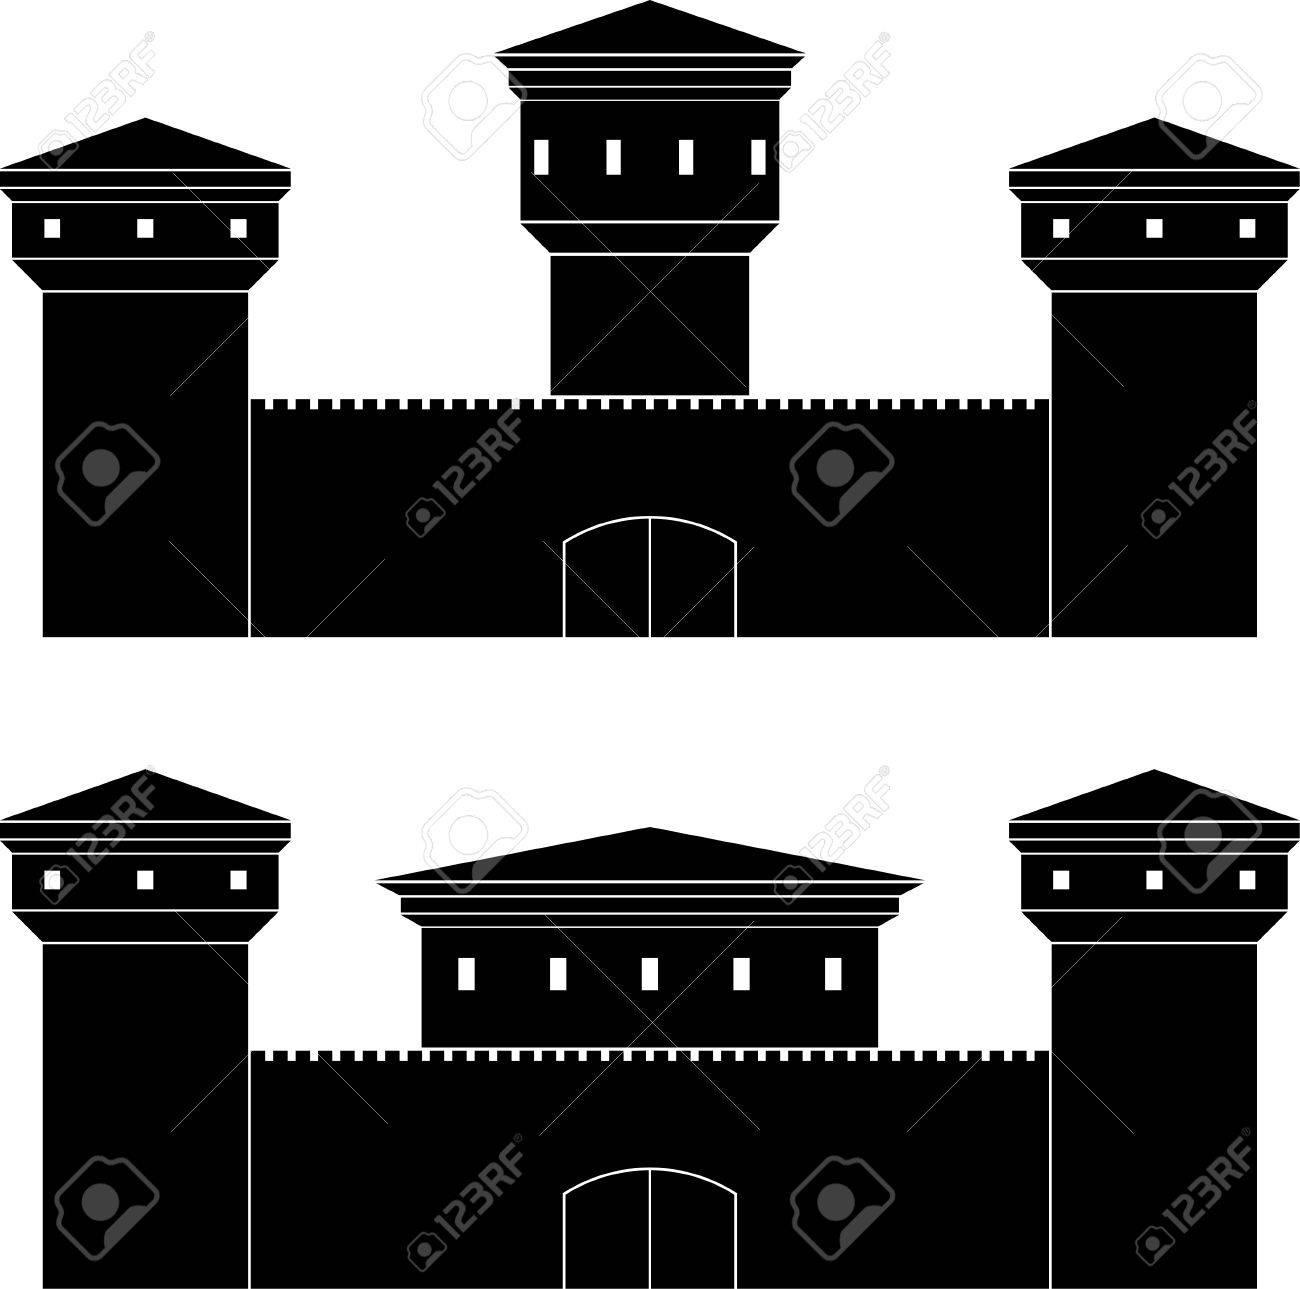 Dos Castillos Plantillas Ilustración Vectorial Ilustraciones ...